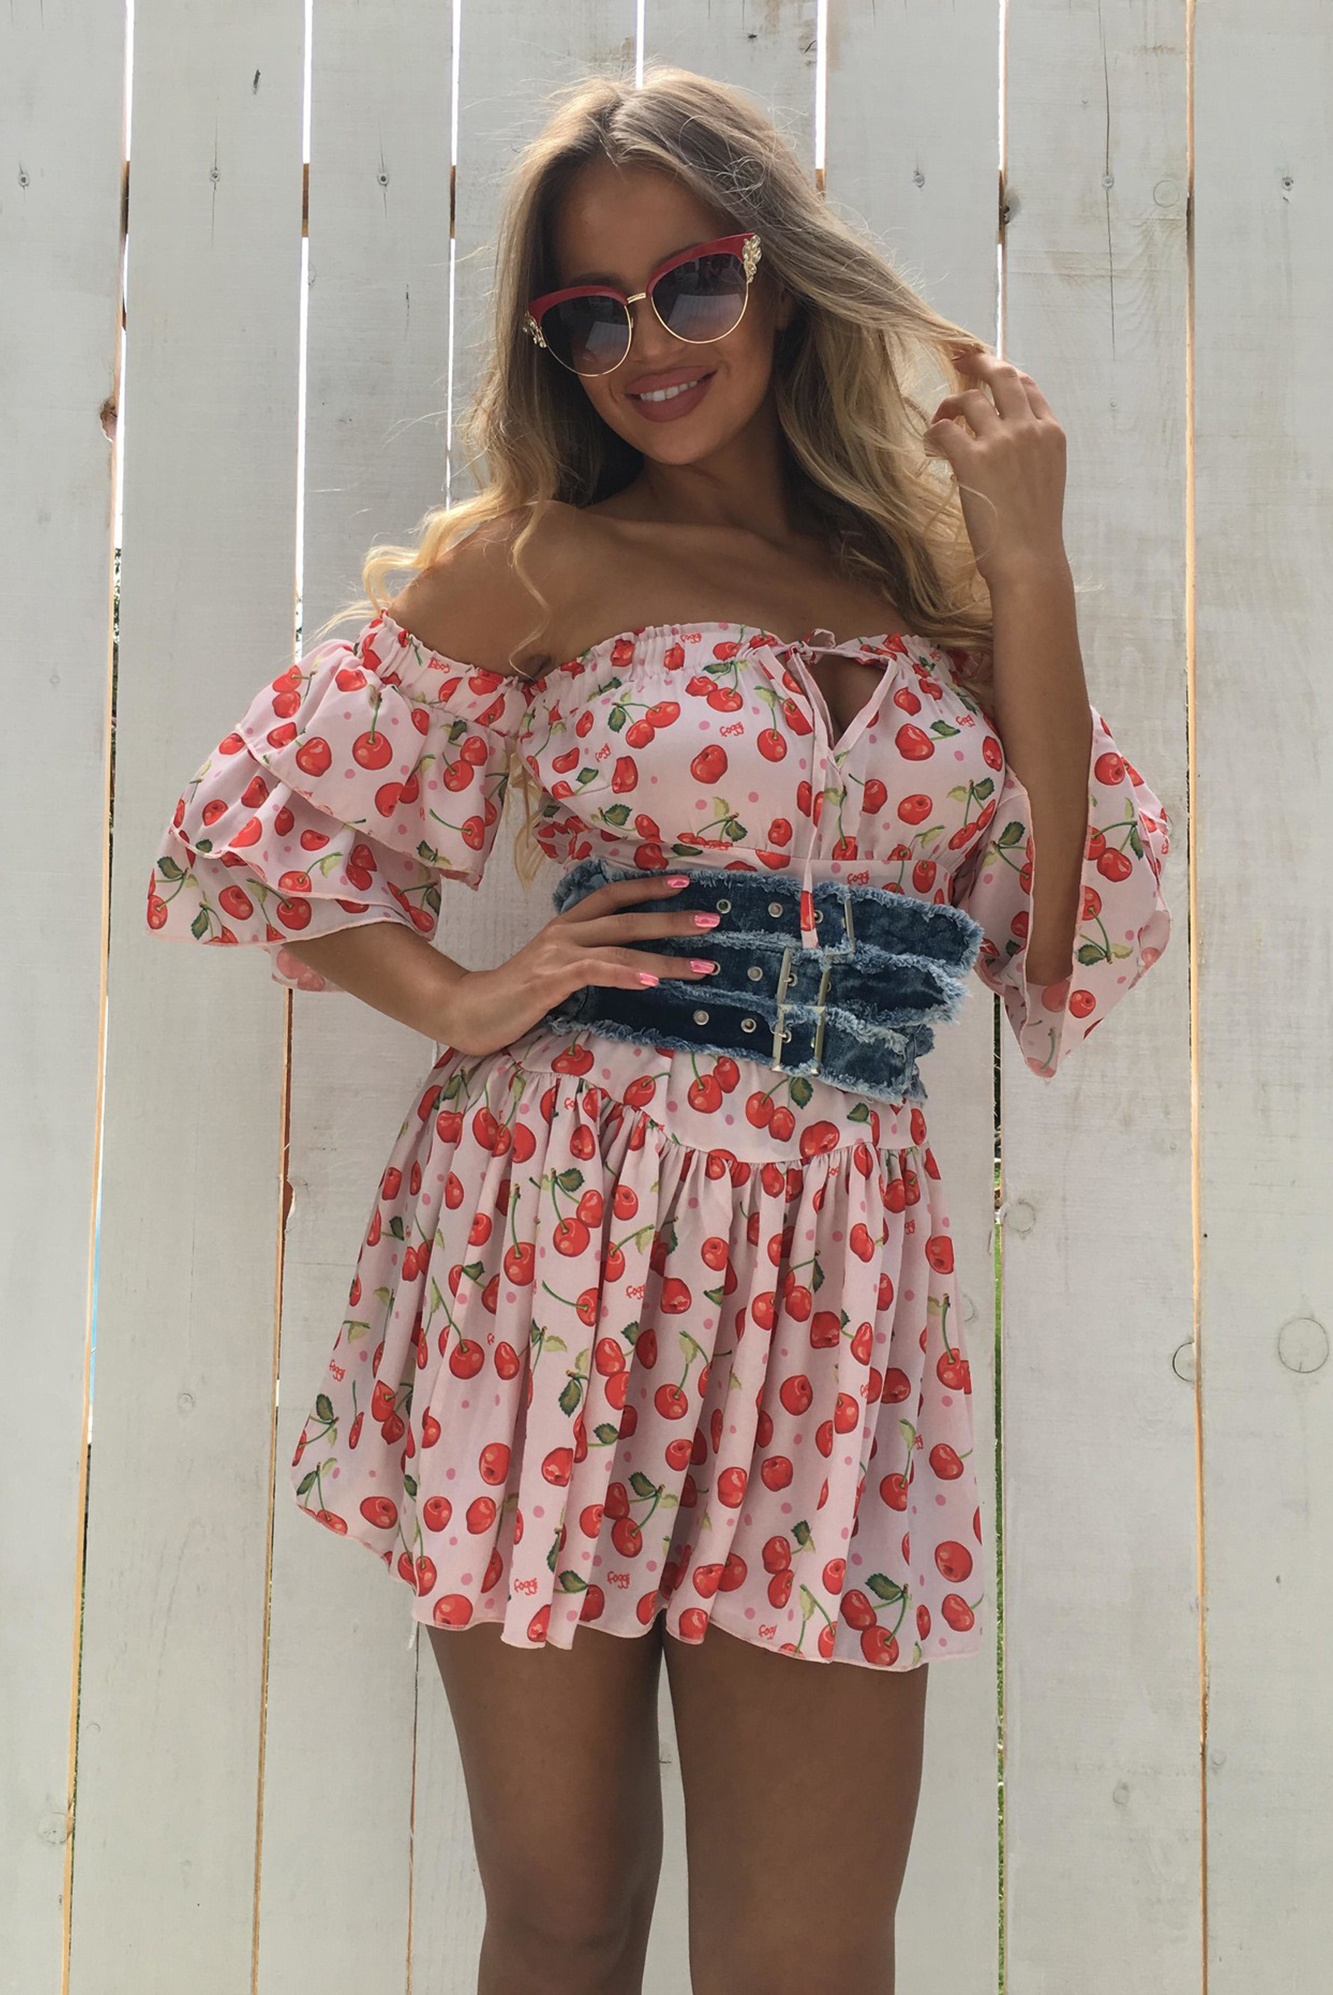 860eafc9c953 Dámske ružové letné šaty Foggi CHERRIES - S odporúčame pre XS